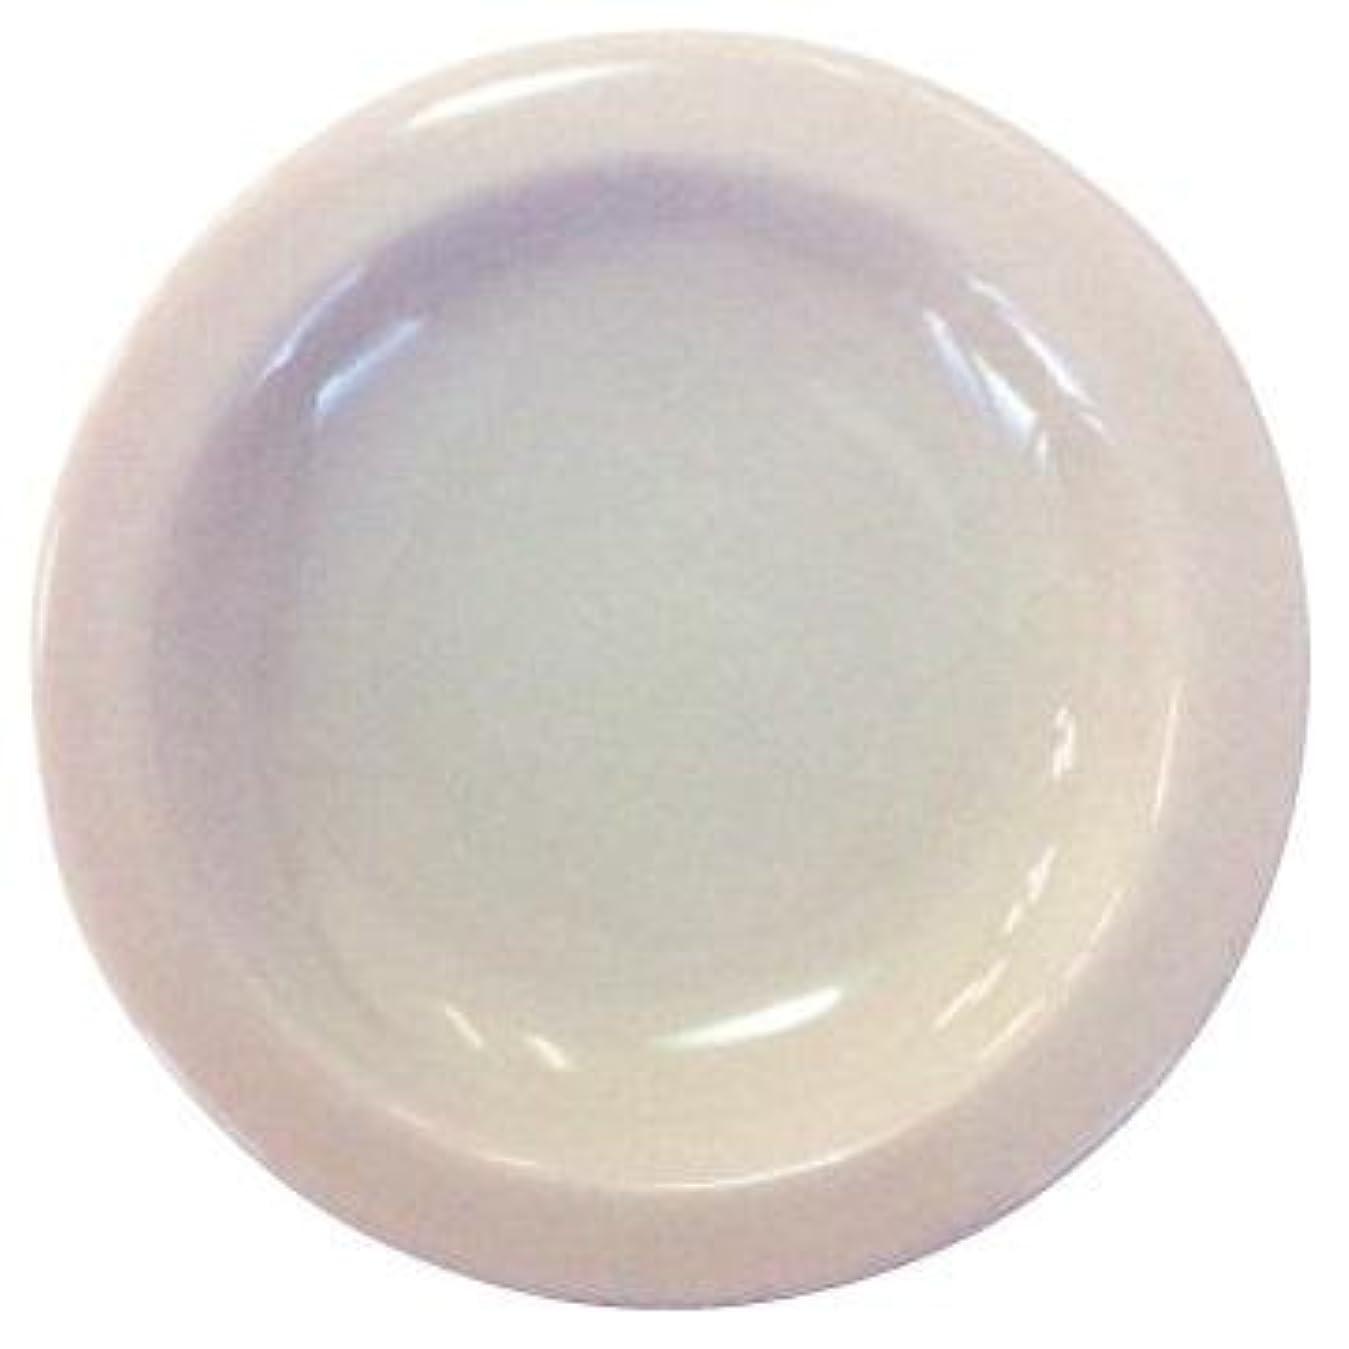 ライター規制冒険家生活の木 アロマランプL フラワー用精油皿(上皿)